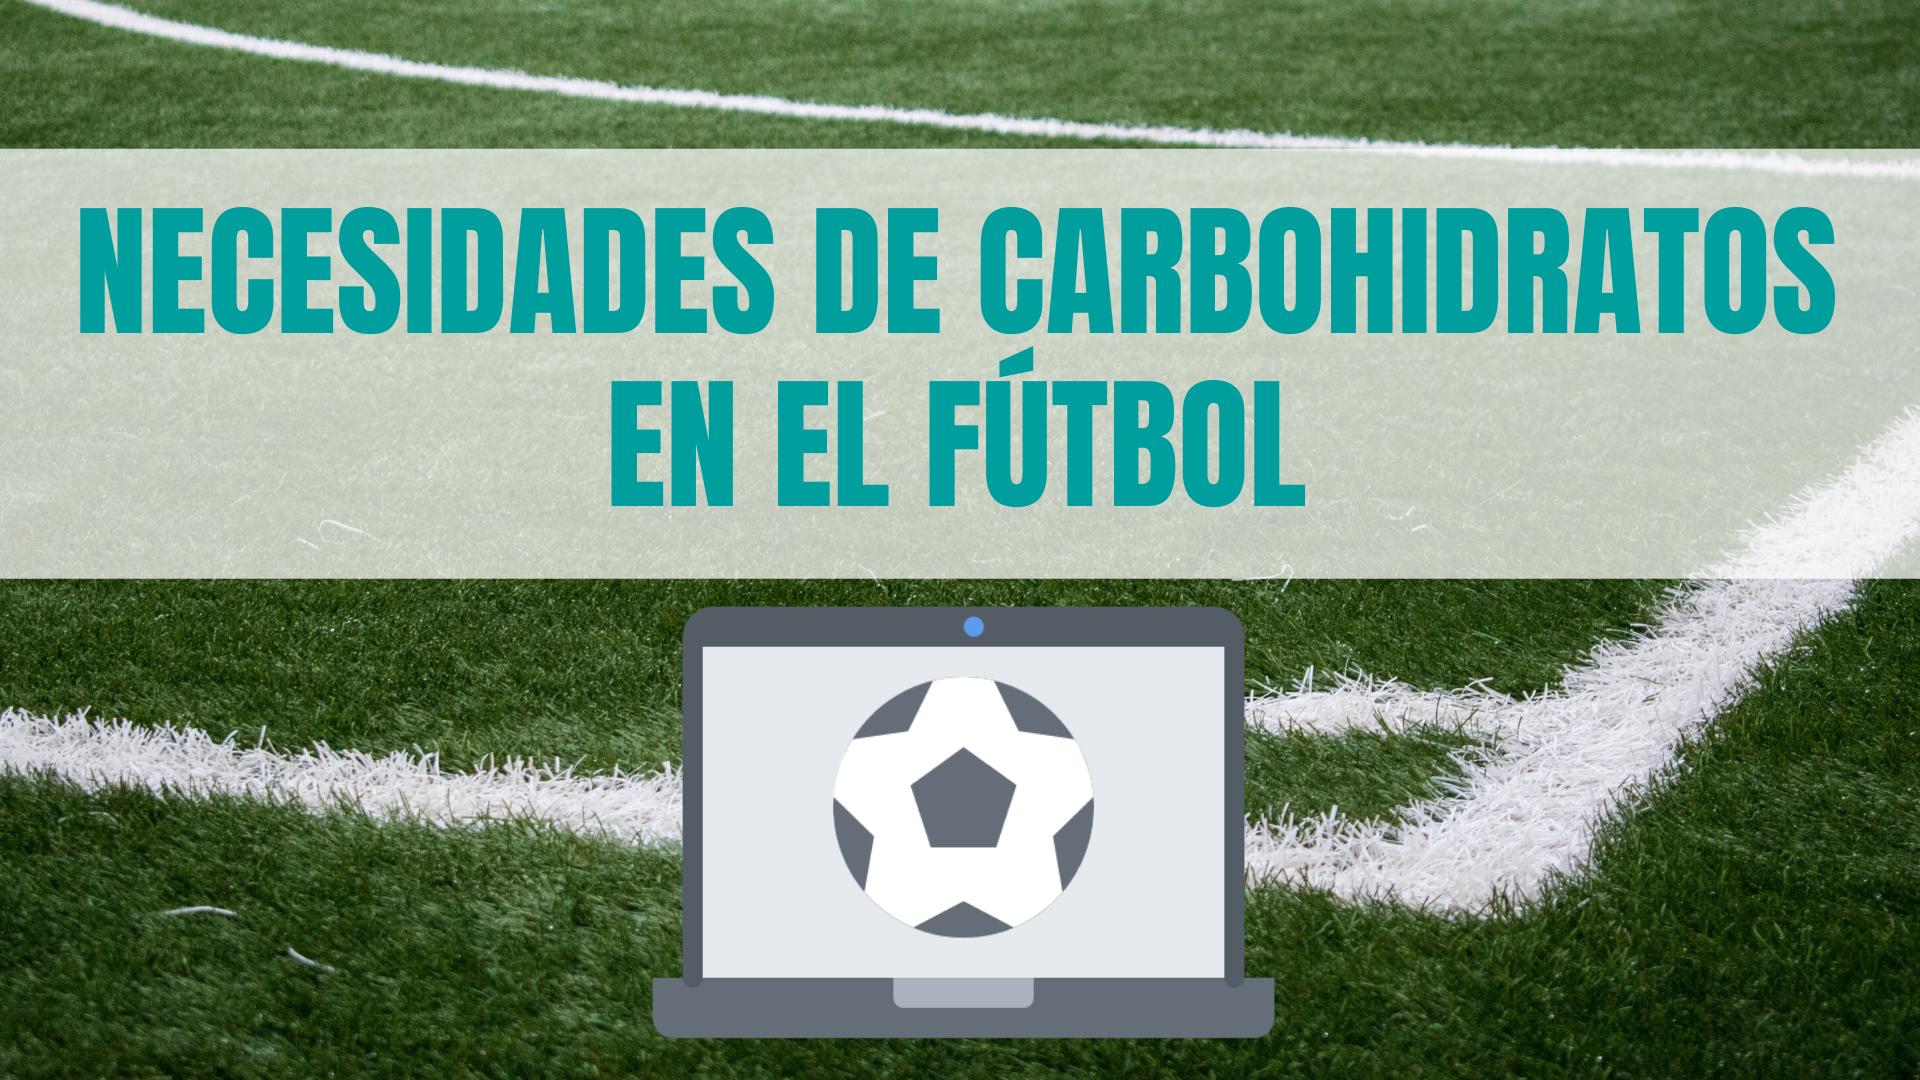 NECESIDADES DE CARBOHIDRATOS EN EL FÚTBOL